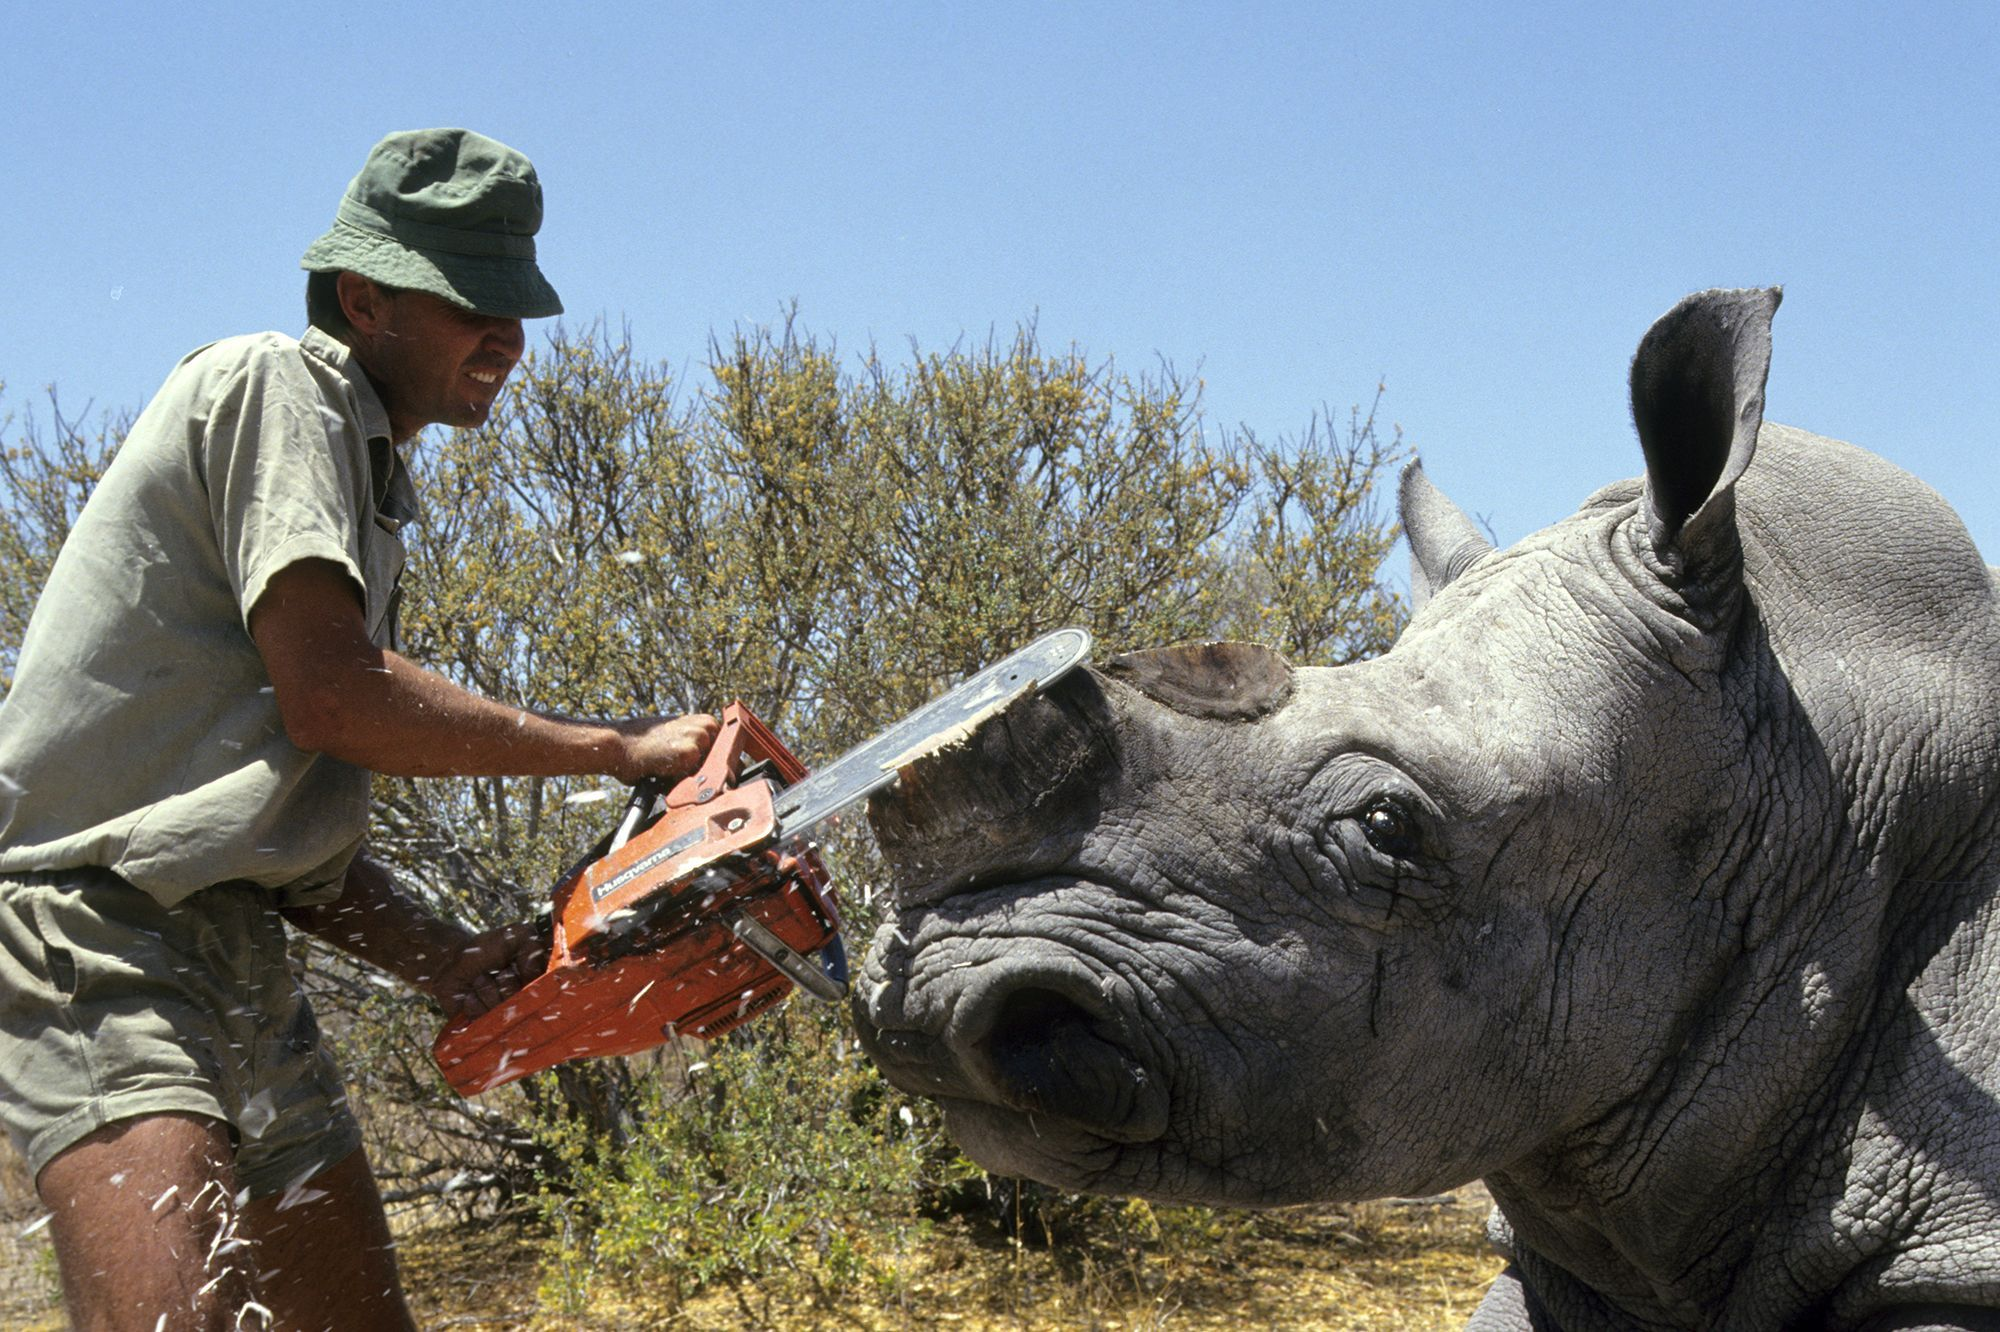 Afrique du Sud : Des rhinocéros bientôt rendus radioactifs pour éviter le braconnage ?